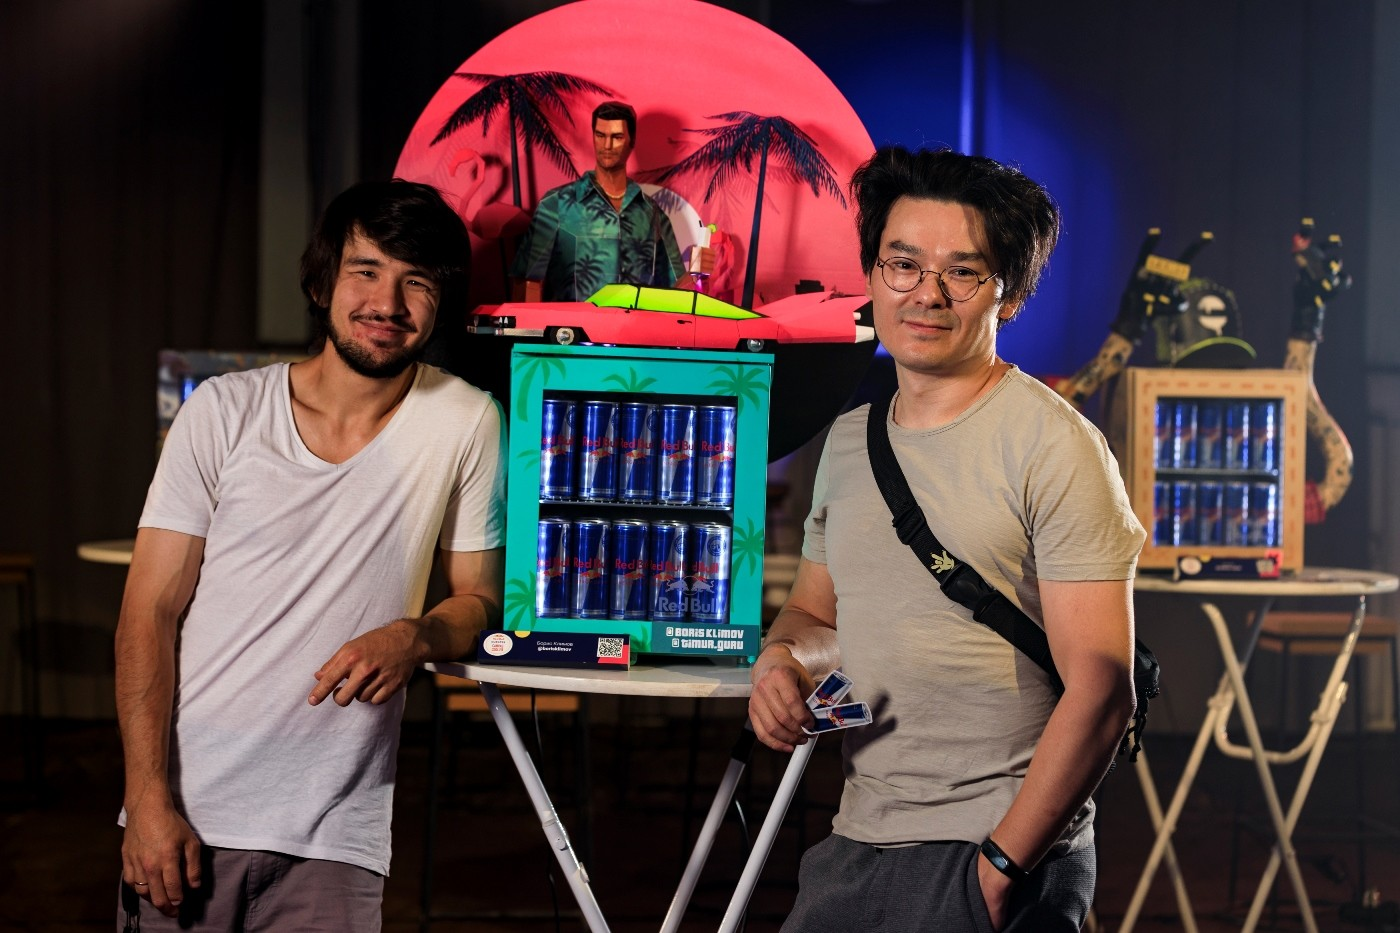 «Робот-цыпленок»,  «Холодильник-путешественник» и пейзажи Vice City. В Алматы прошел креативный проект Red Bull Curates: Canvas Cooler